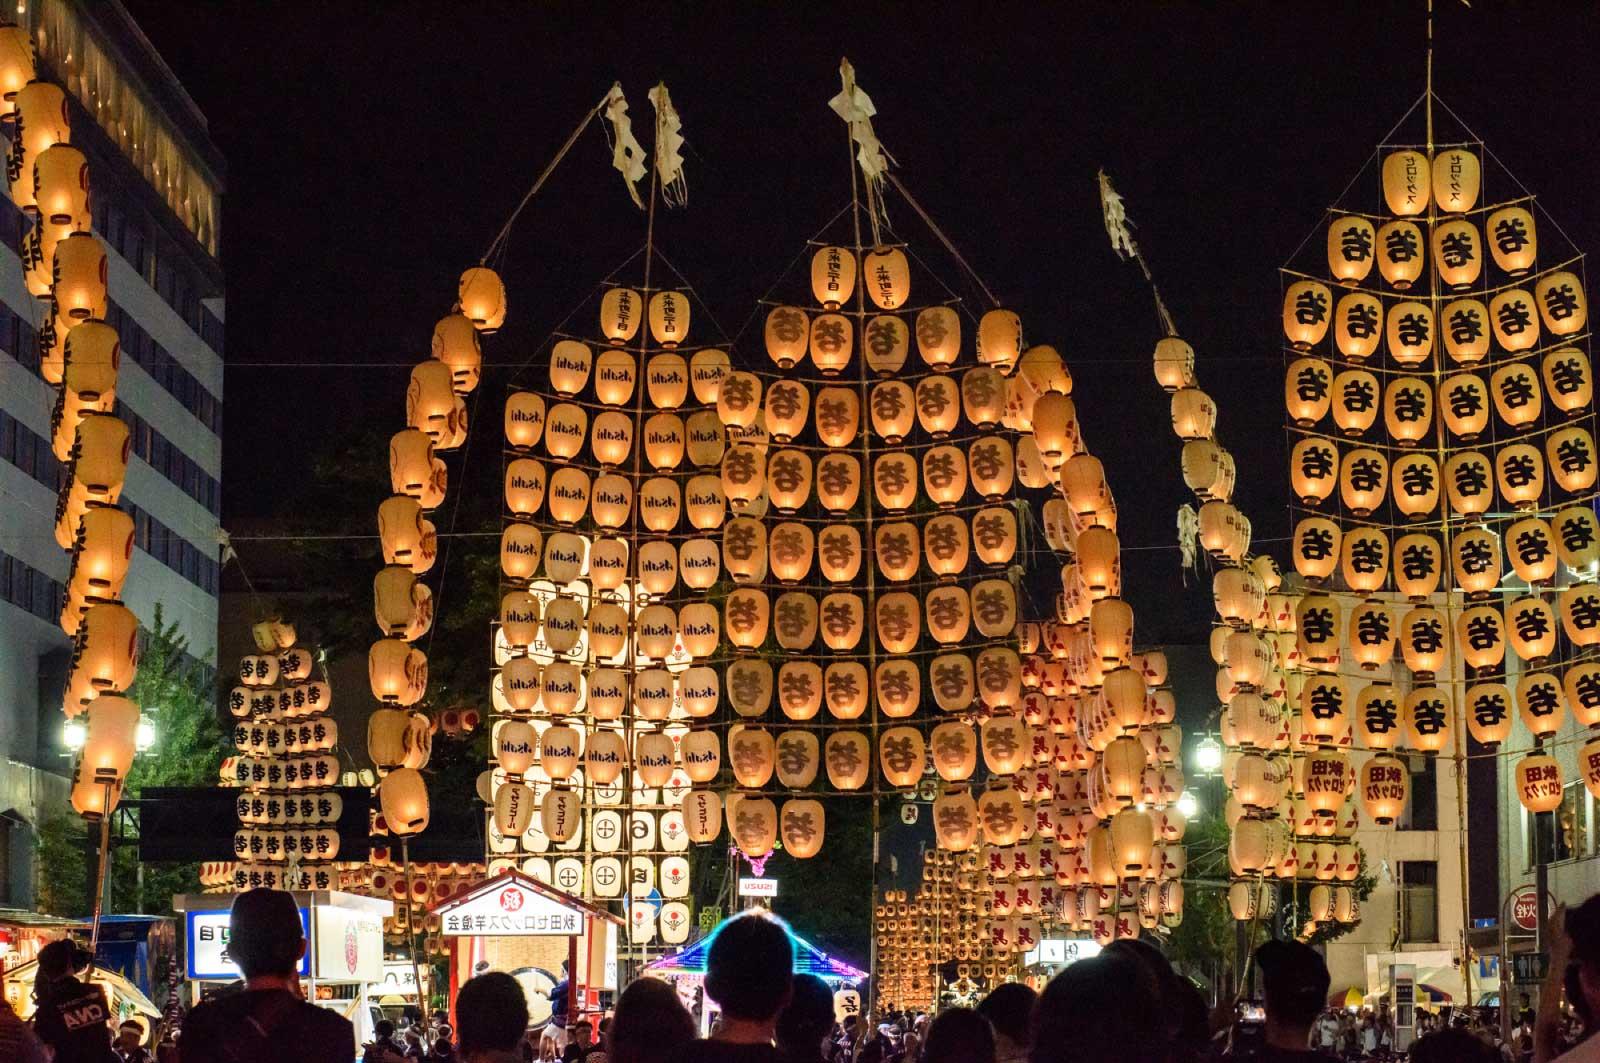 秋田竿燈(かんとう)まつり